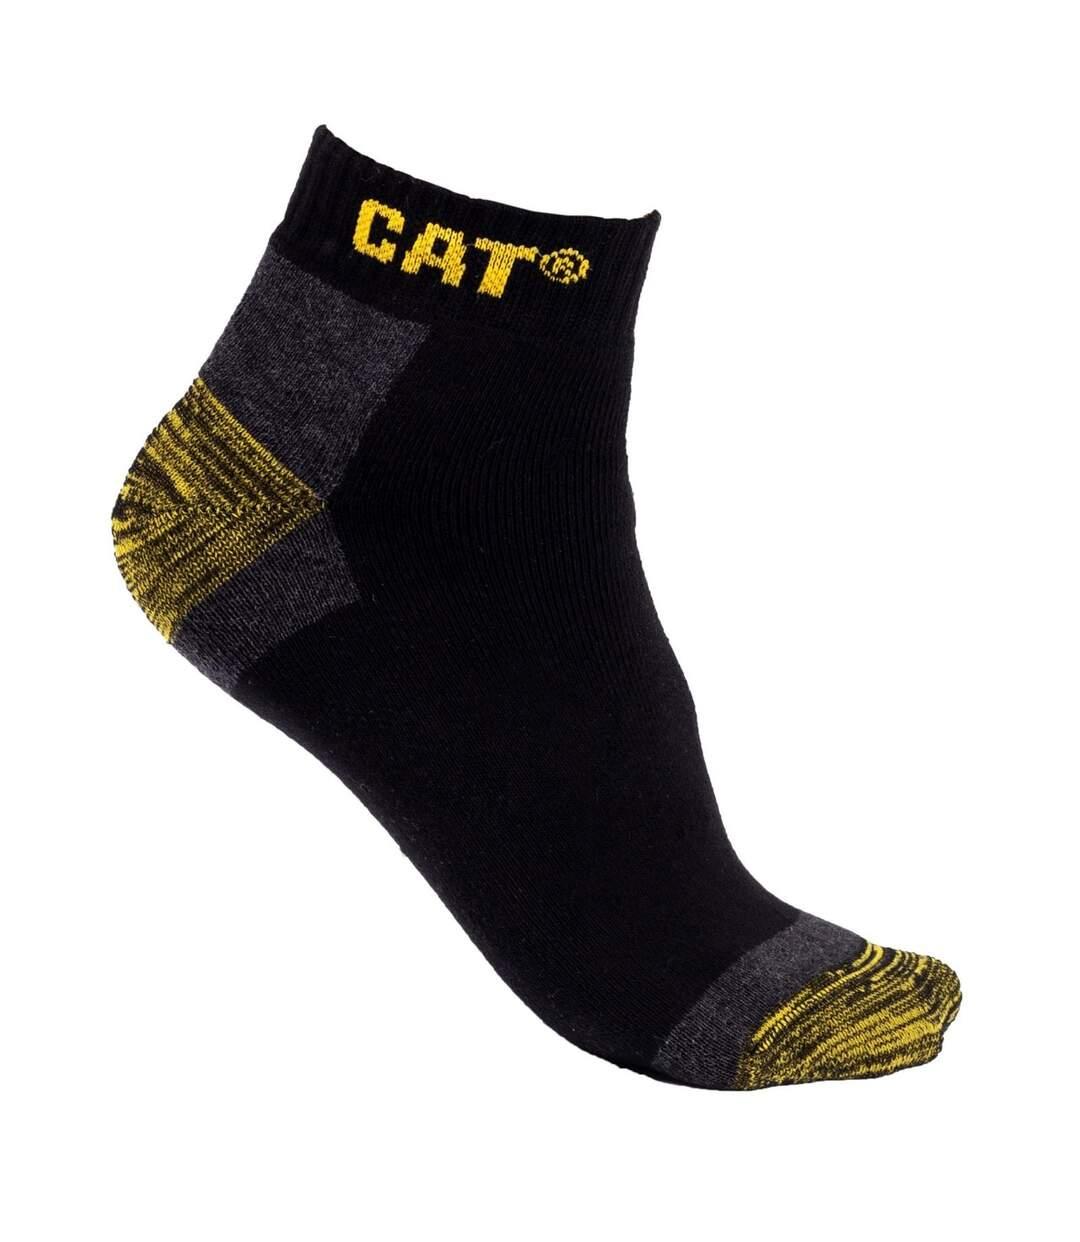 Caterpillar Unisex Adult Liner Socks (Pack of 3) (Black) - UTFS8029